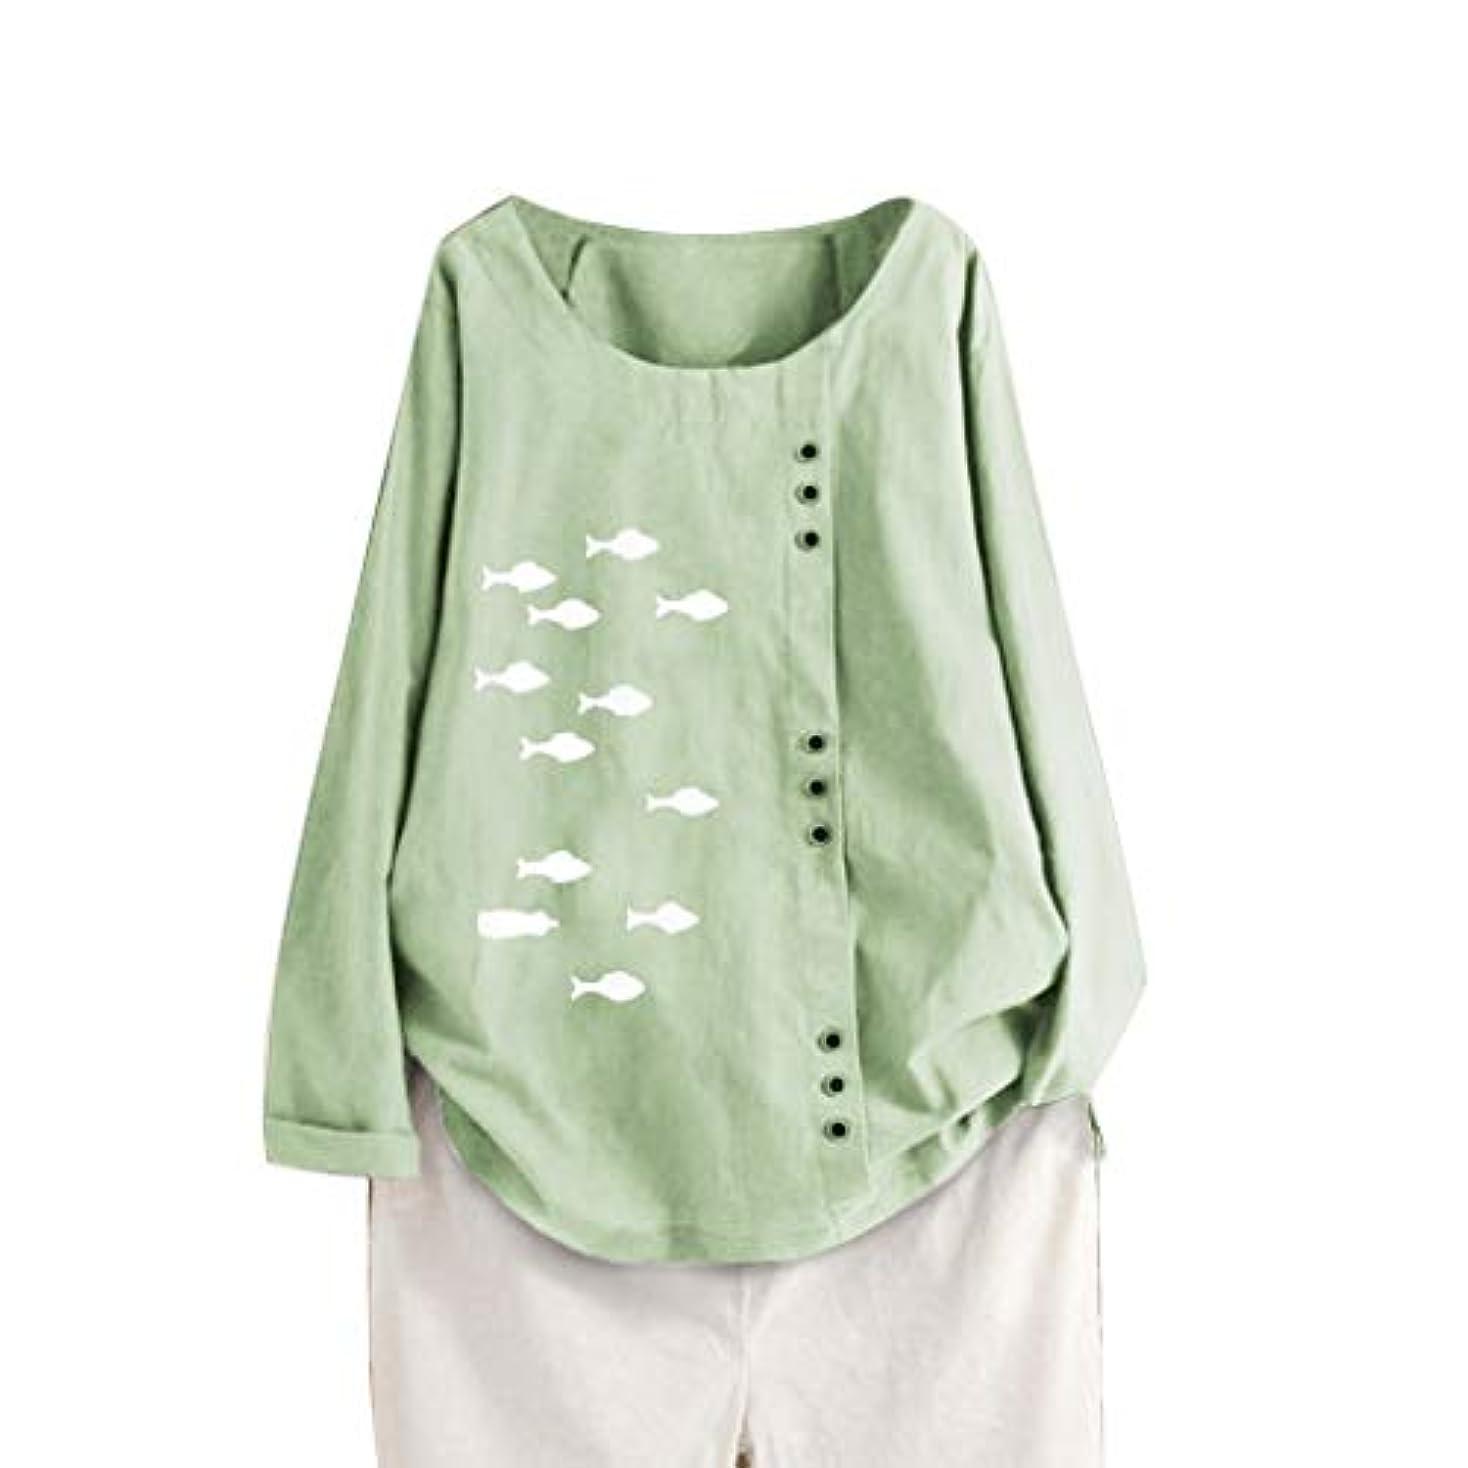 約つかの間ブロー亜麻 ティーシャツ メンズ 純色 Vネック 綿麻 ブレンド 気持ち良い 半袖 ワッフル サーマル スウェット 薄手 上着 多選択 若者 気質 流行 春夏対応 日系 カットソー 和式 Tシャツ 人気商品